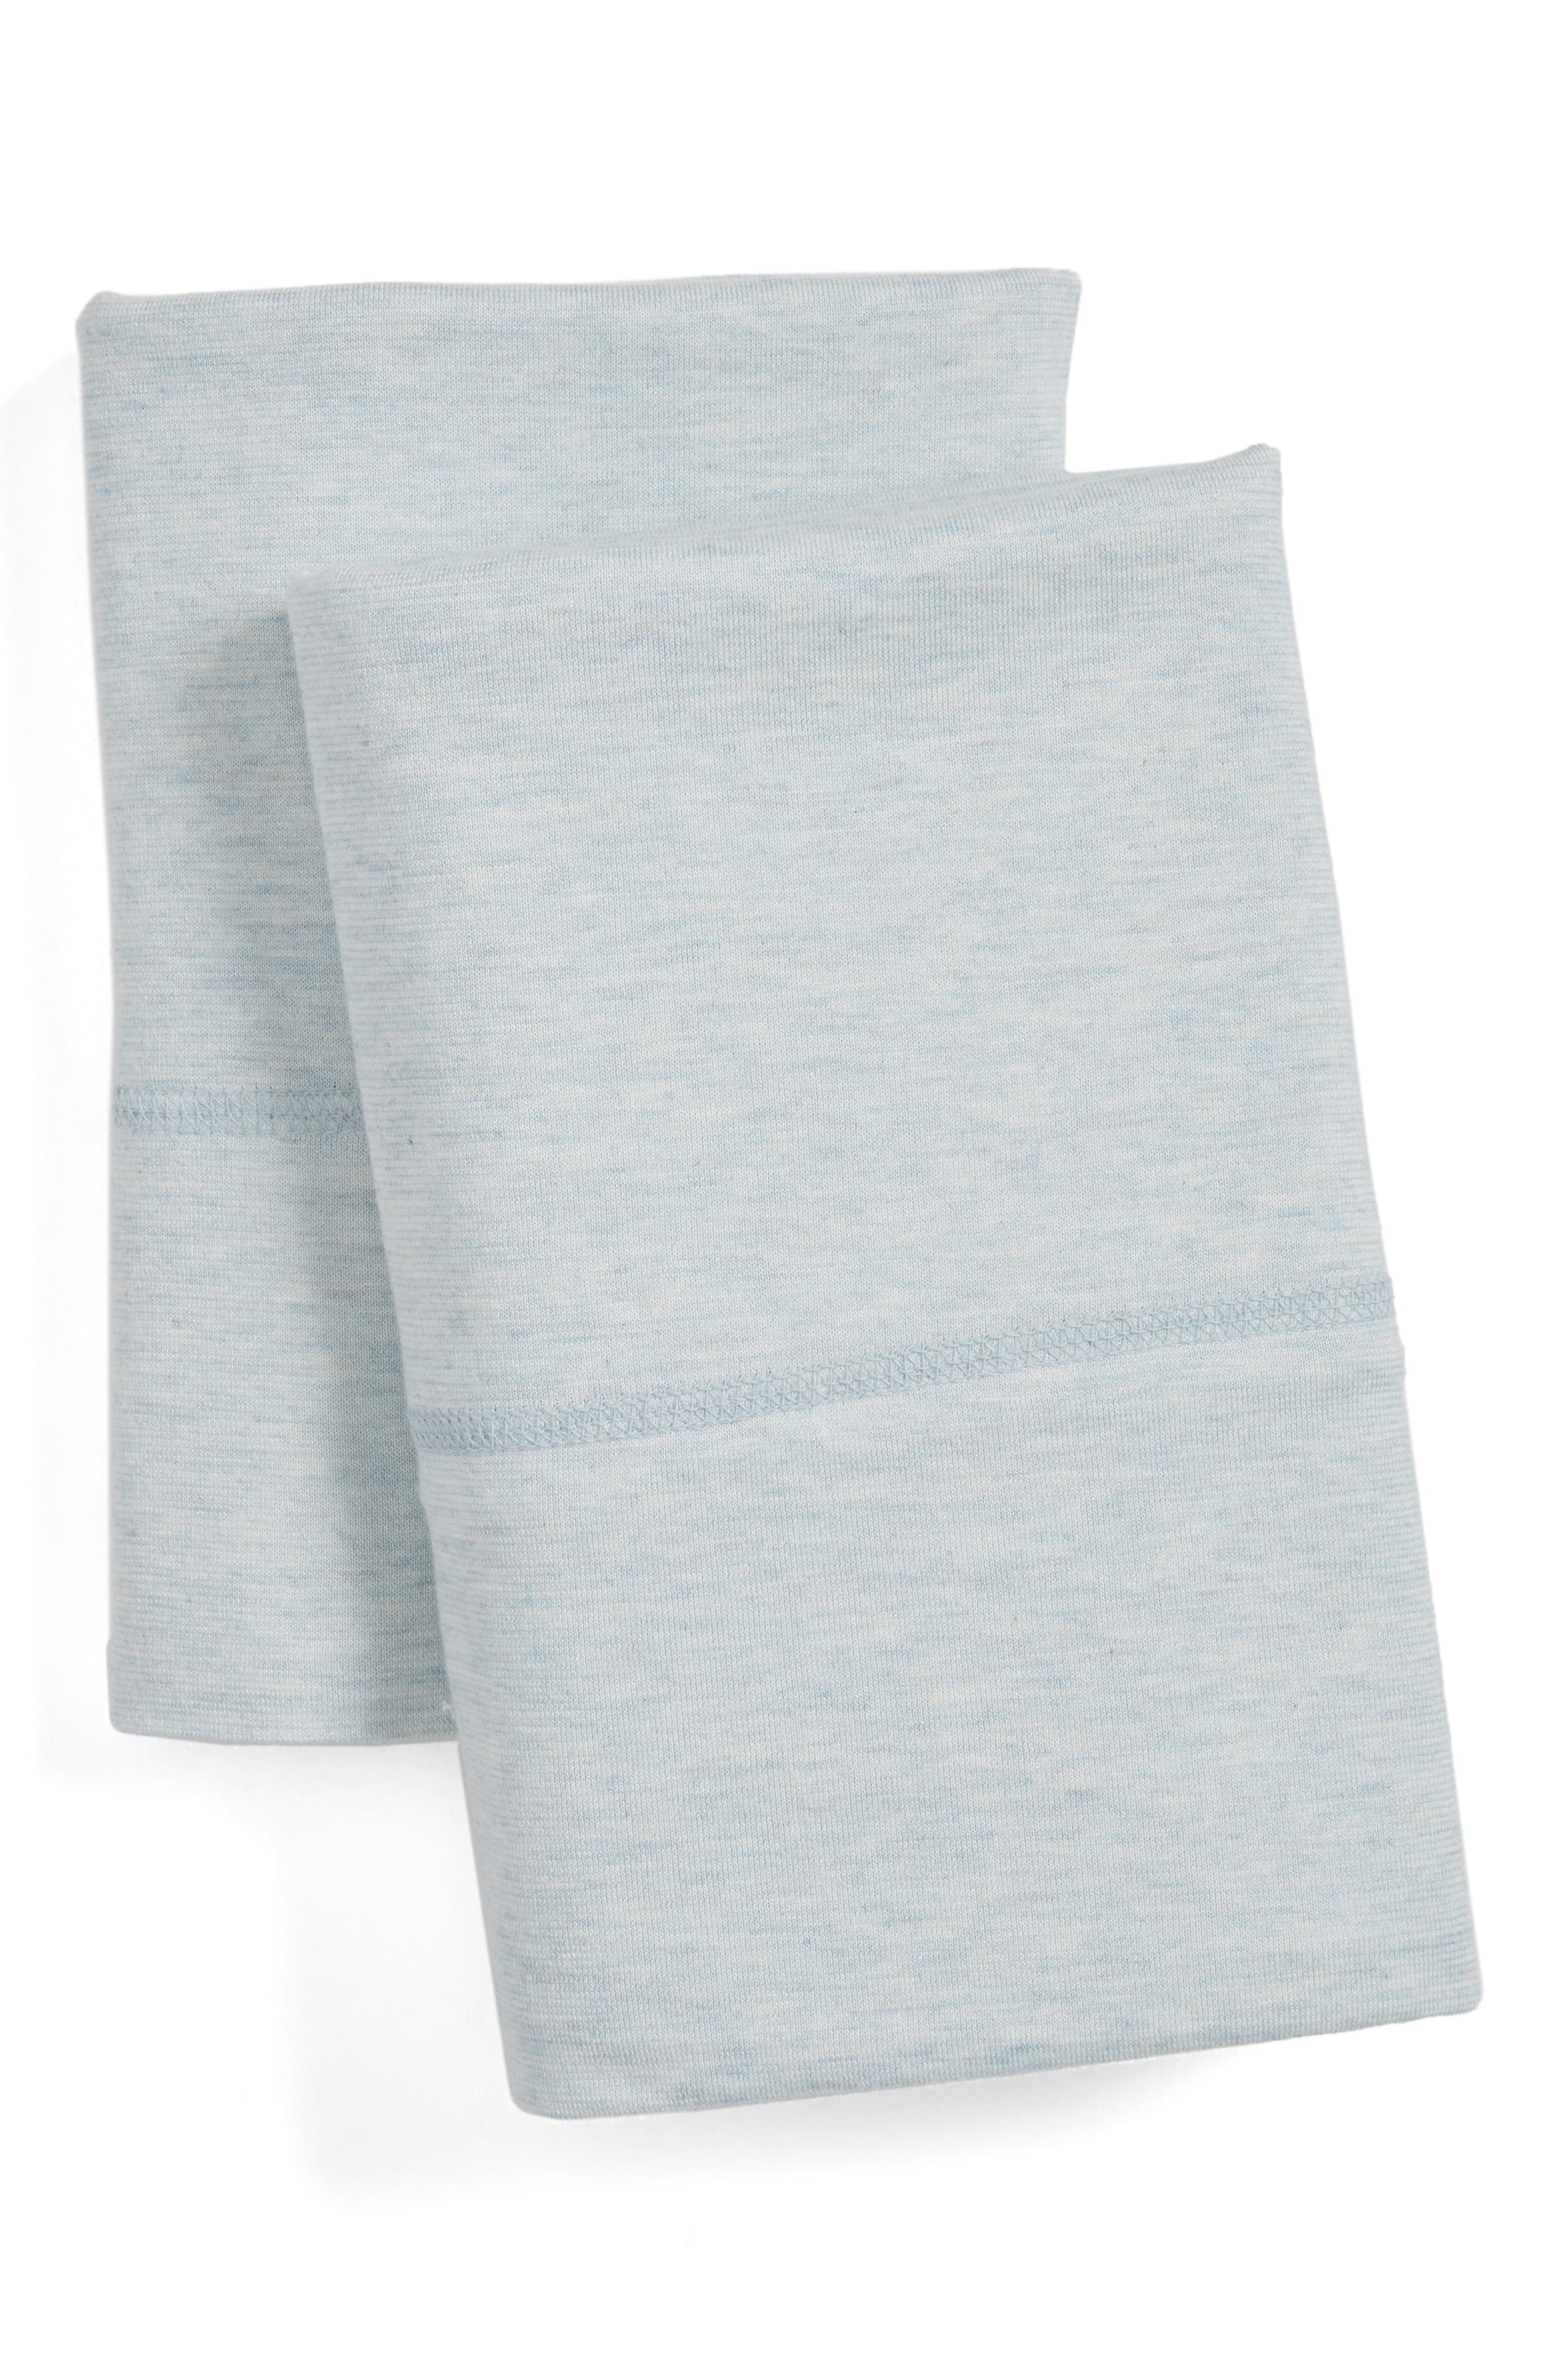 Calvin Klein Home Modern Cotton Collection Cotton & Modal Pillowcases